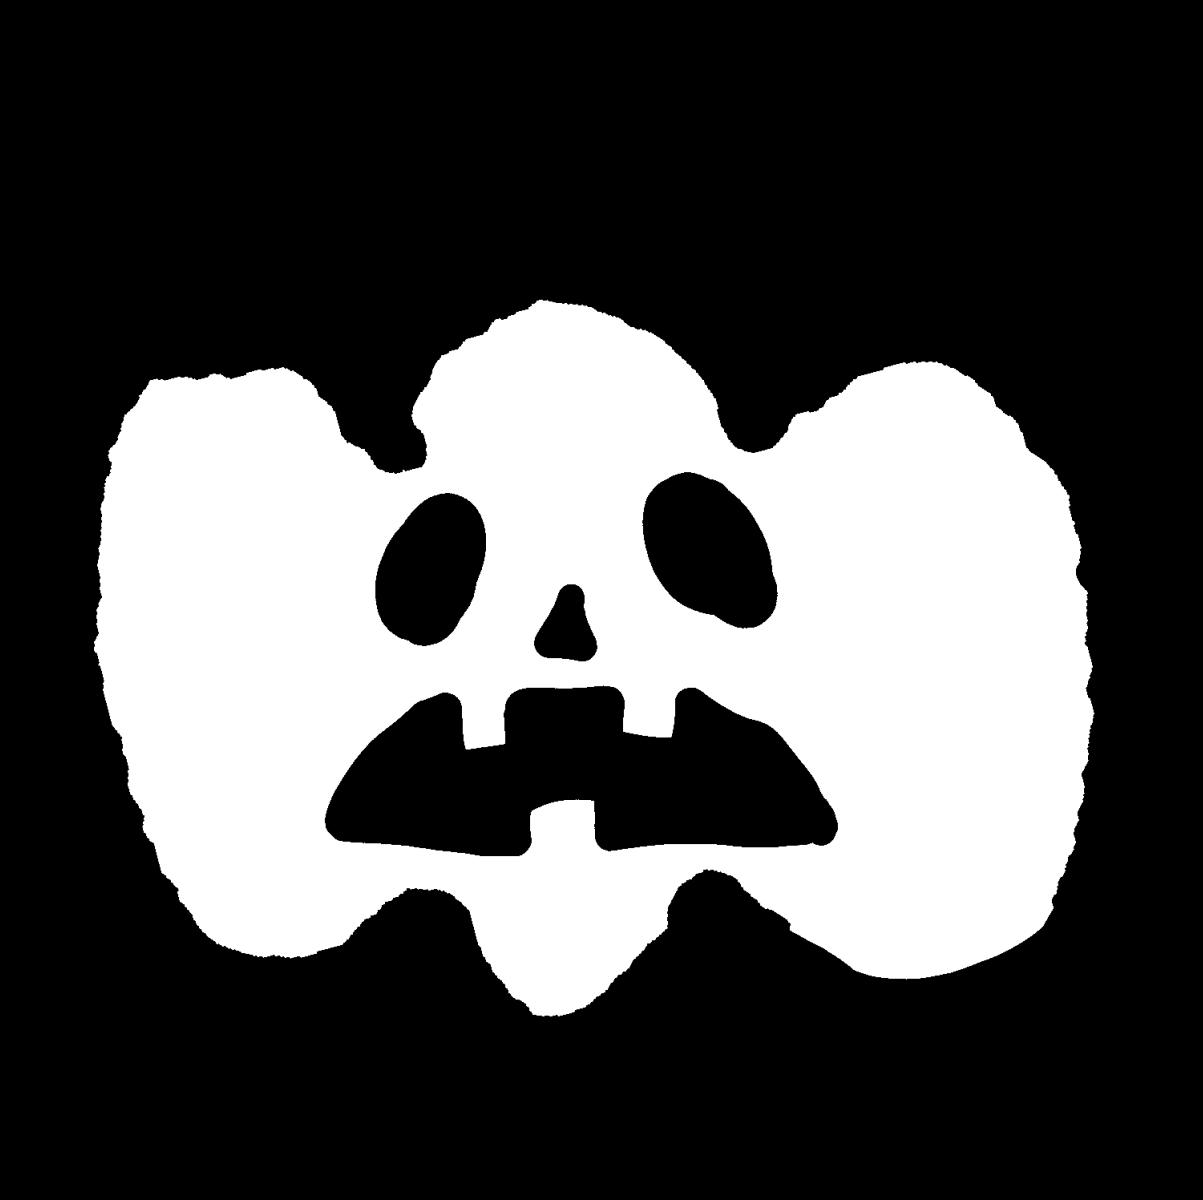 ハロウィン カボチャのおばけ Halloween's Jack O' Lantern Pumpkin illustration